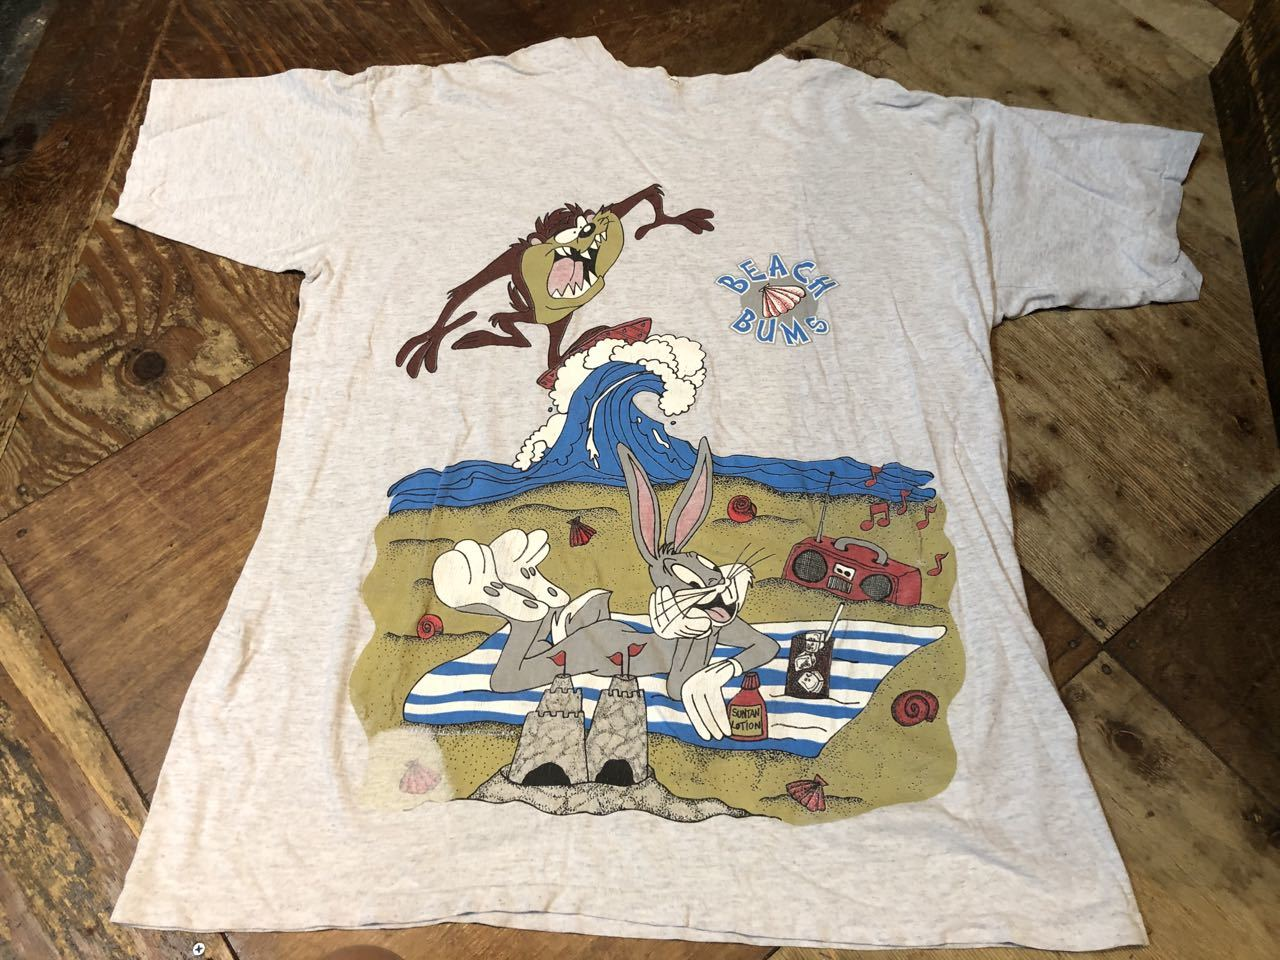 8月8日(土)入荷!MADE IN U.S.A 90s〜 LOONET TUNES Tシャツ #1_c0144020_14470913.jpg